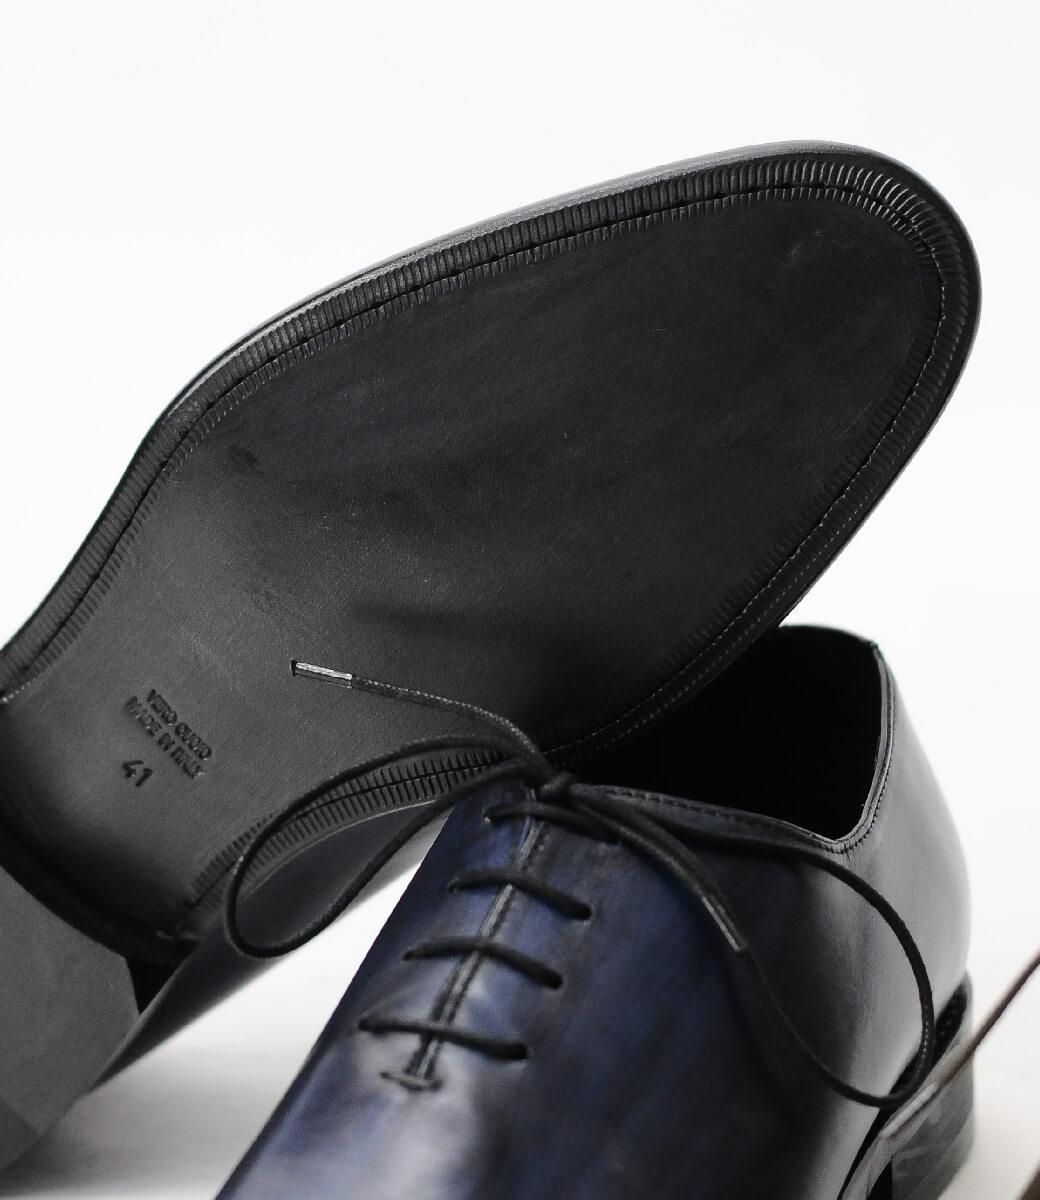 マッケイ製法の靴外観